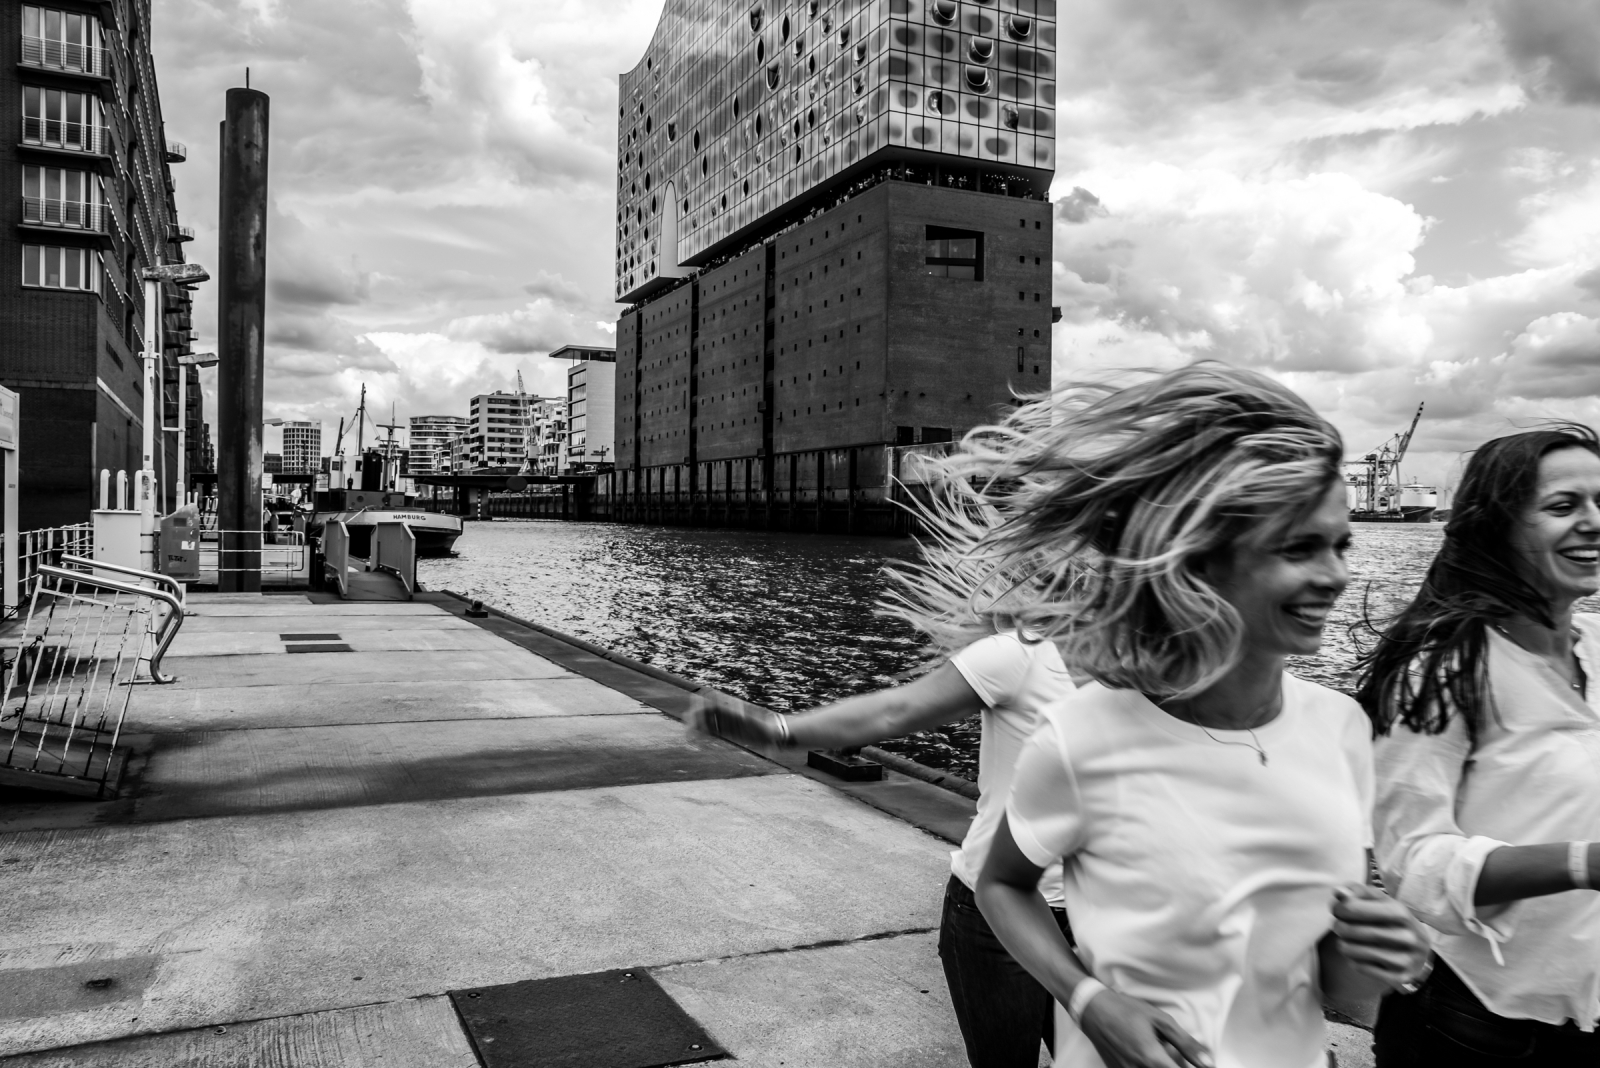 Junggesellinnenabschied - Fotoshooting Elbphilharmonie